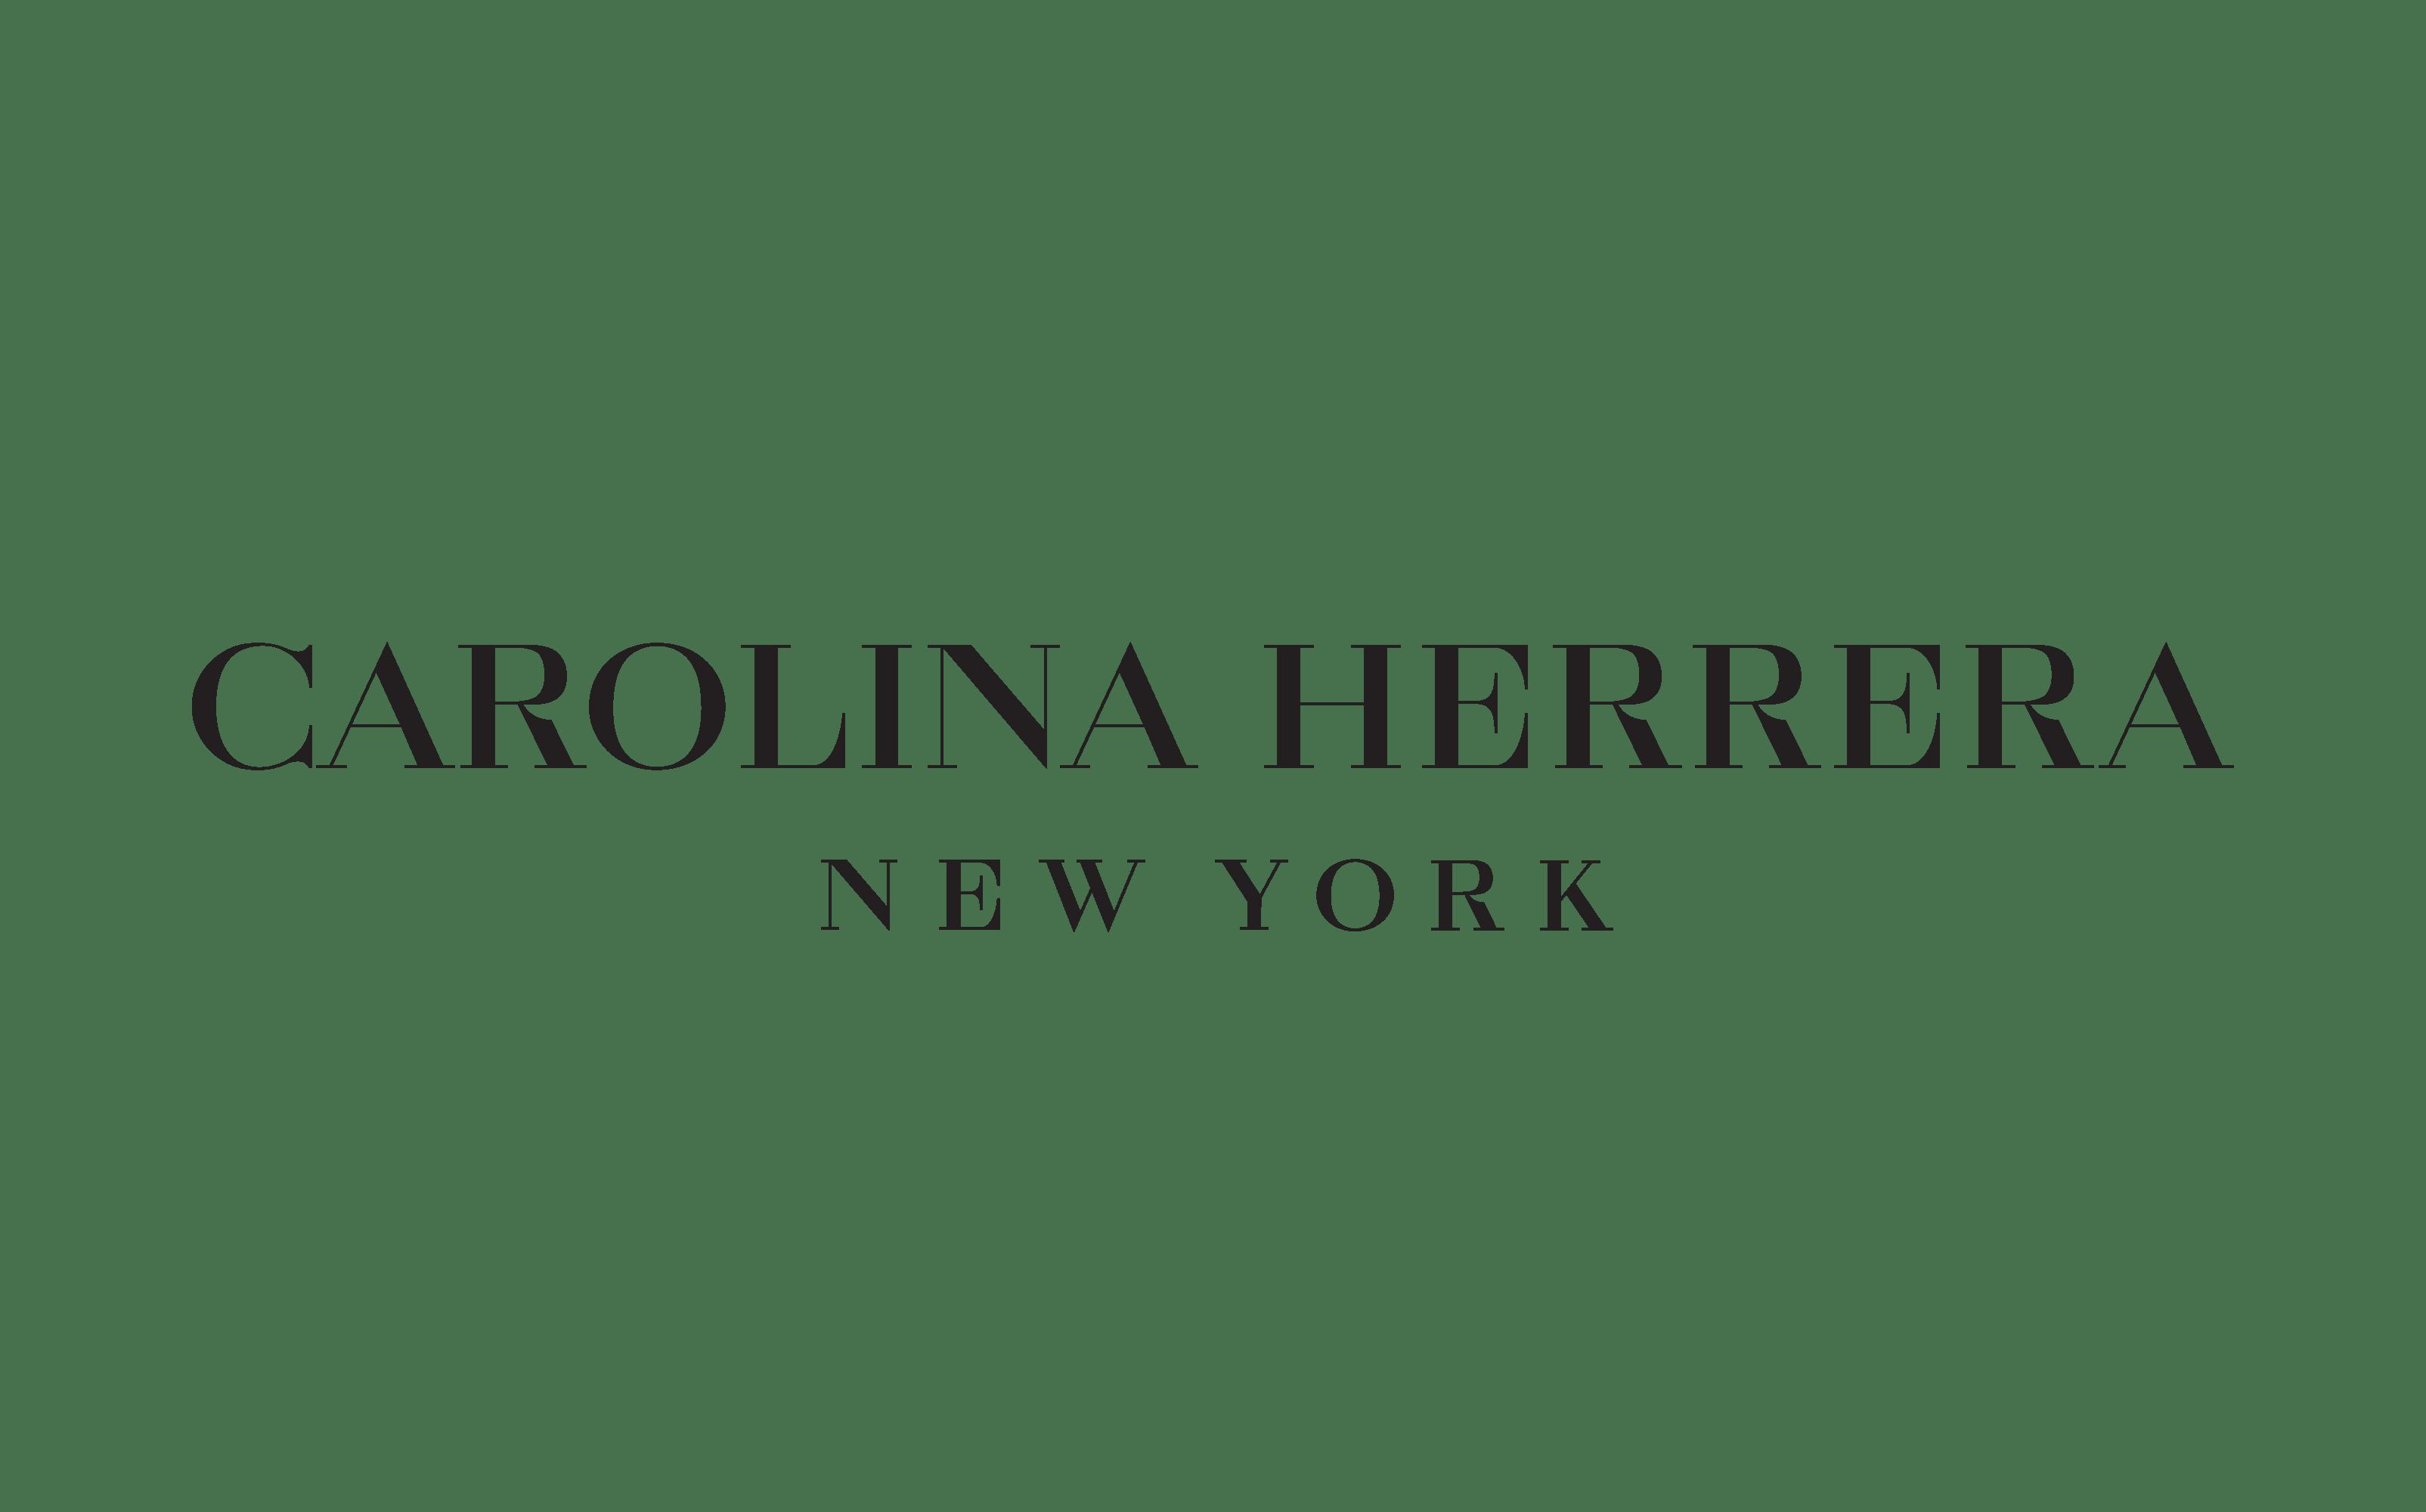 Carolina Herrera company logo